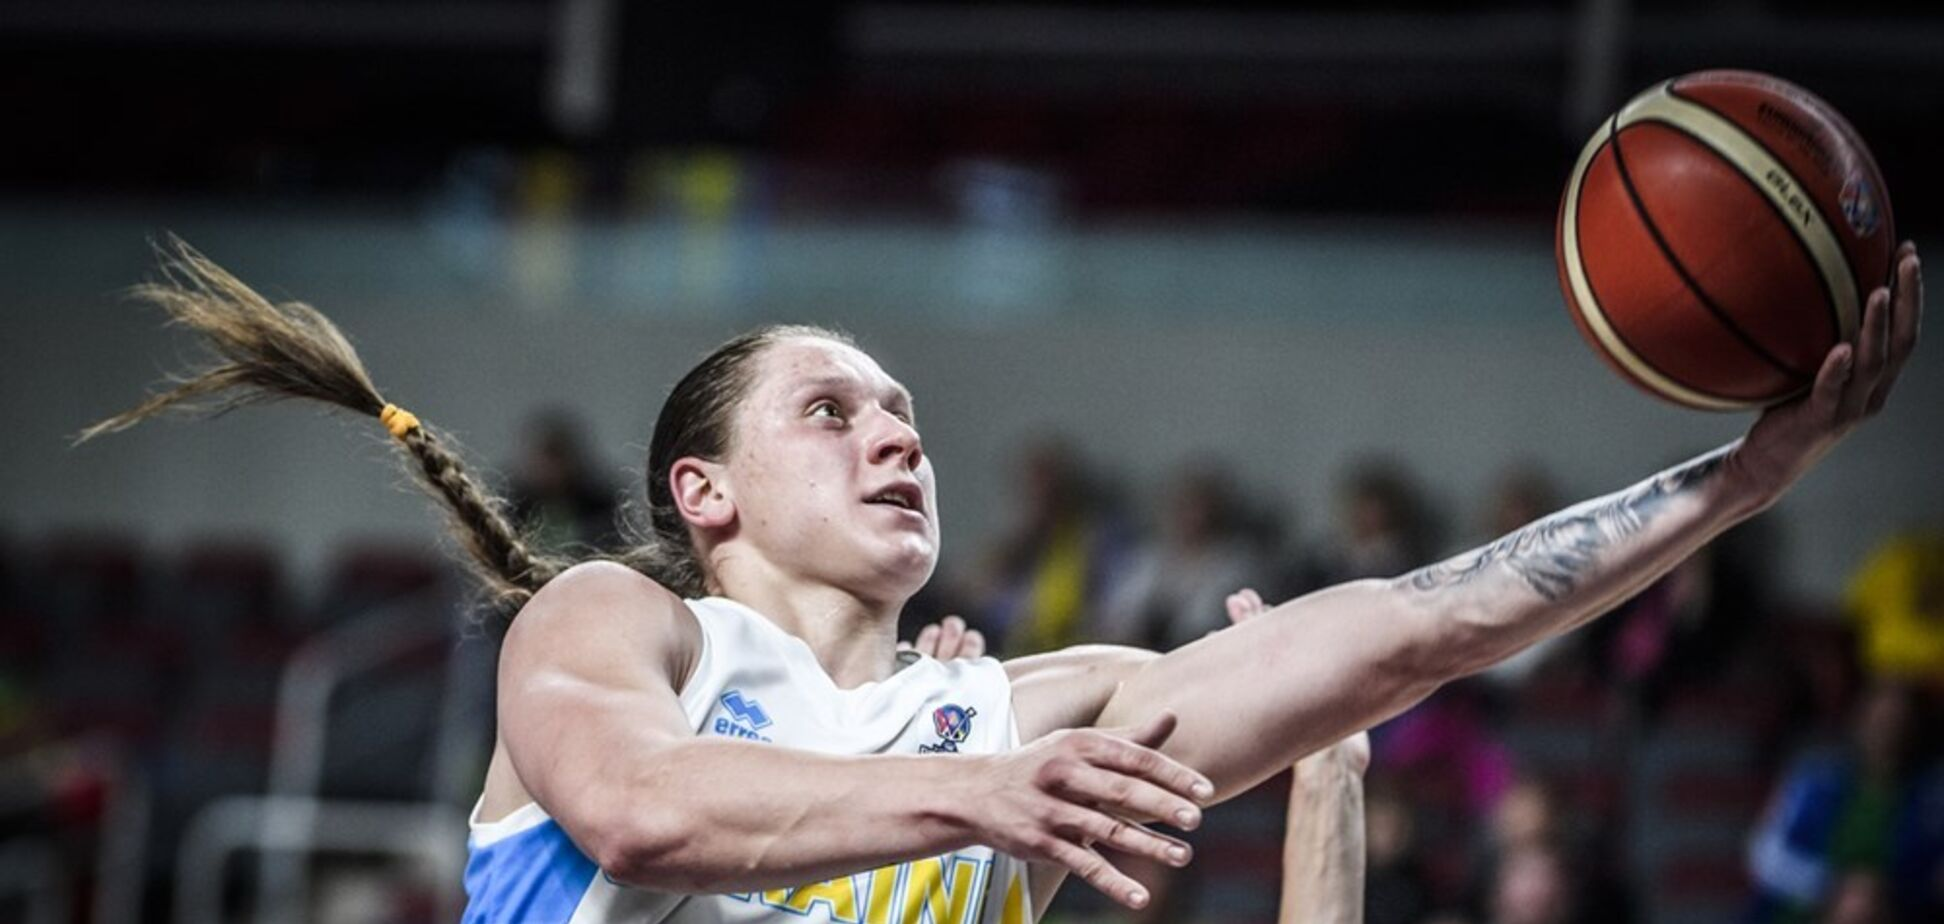 Українка встановила вражаючий рекорд на Євробаскеті-2019